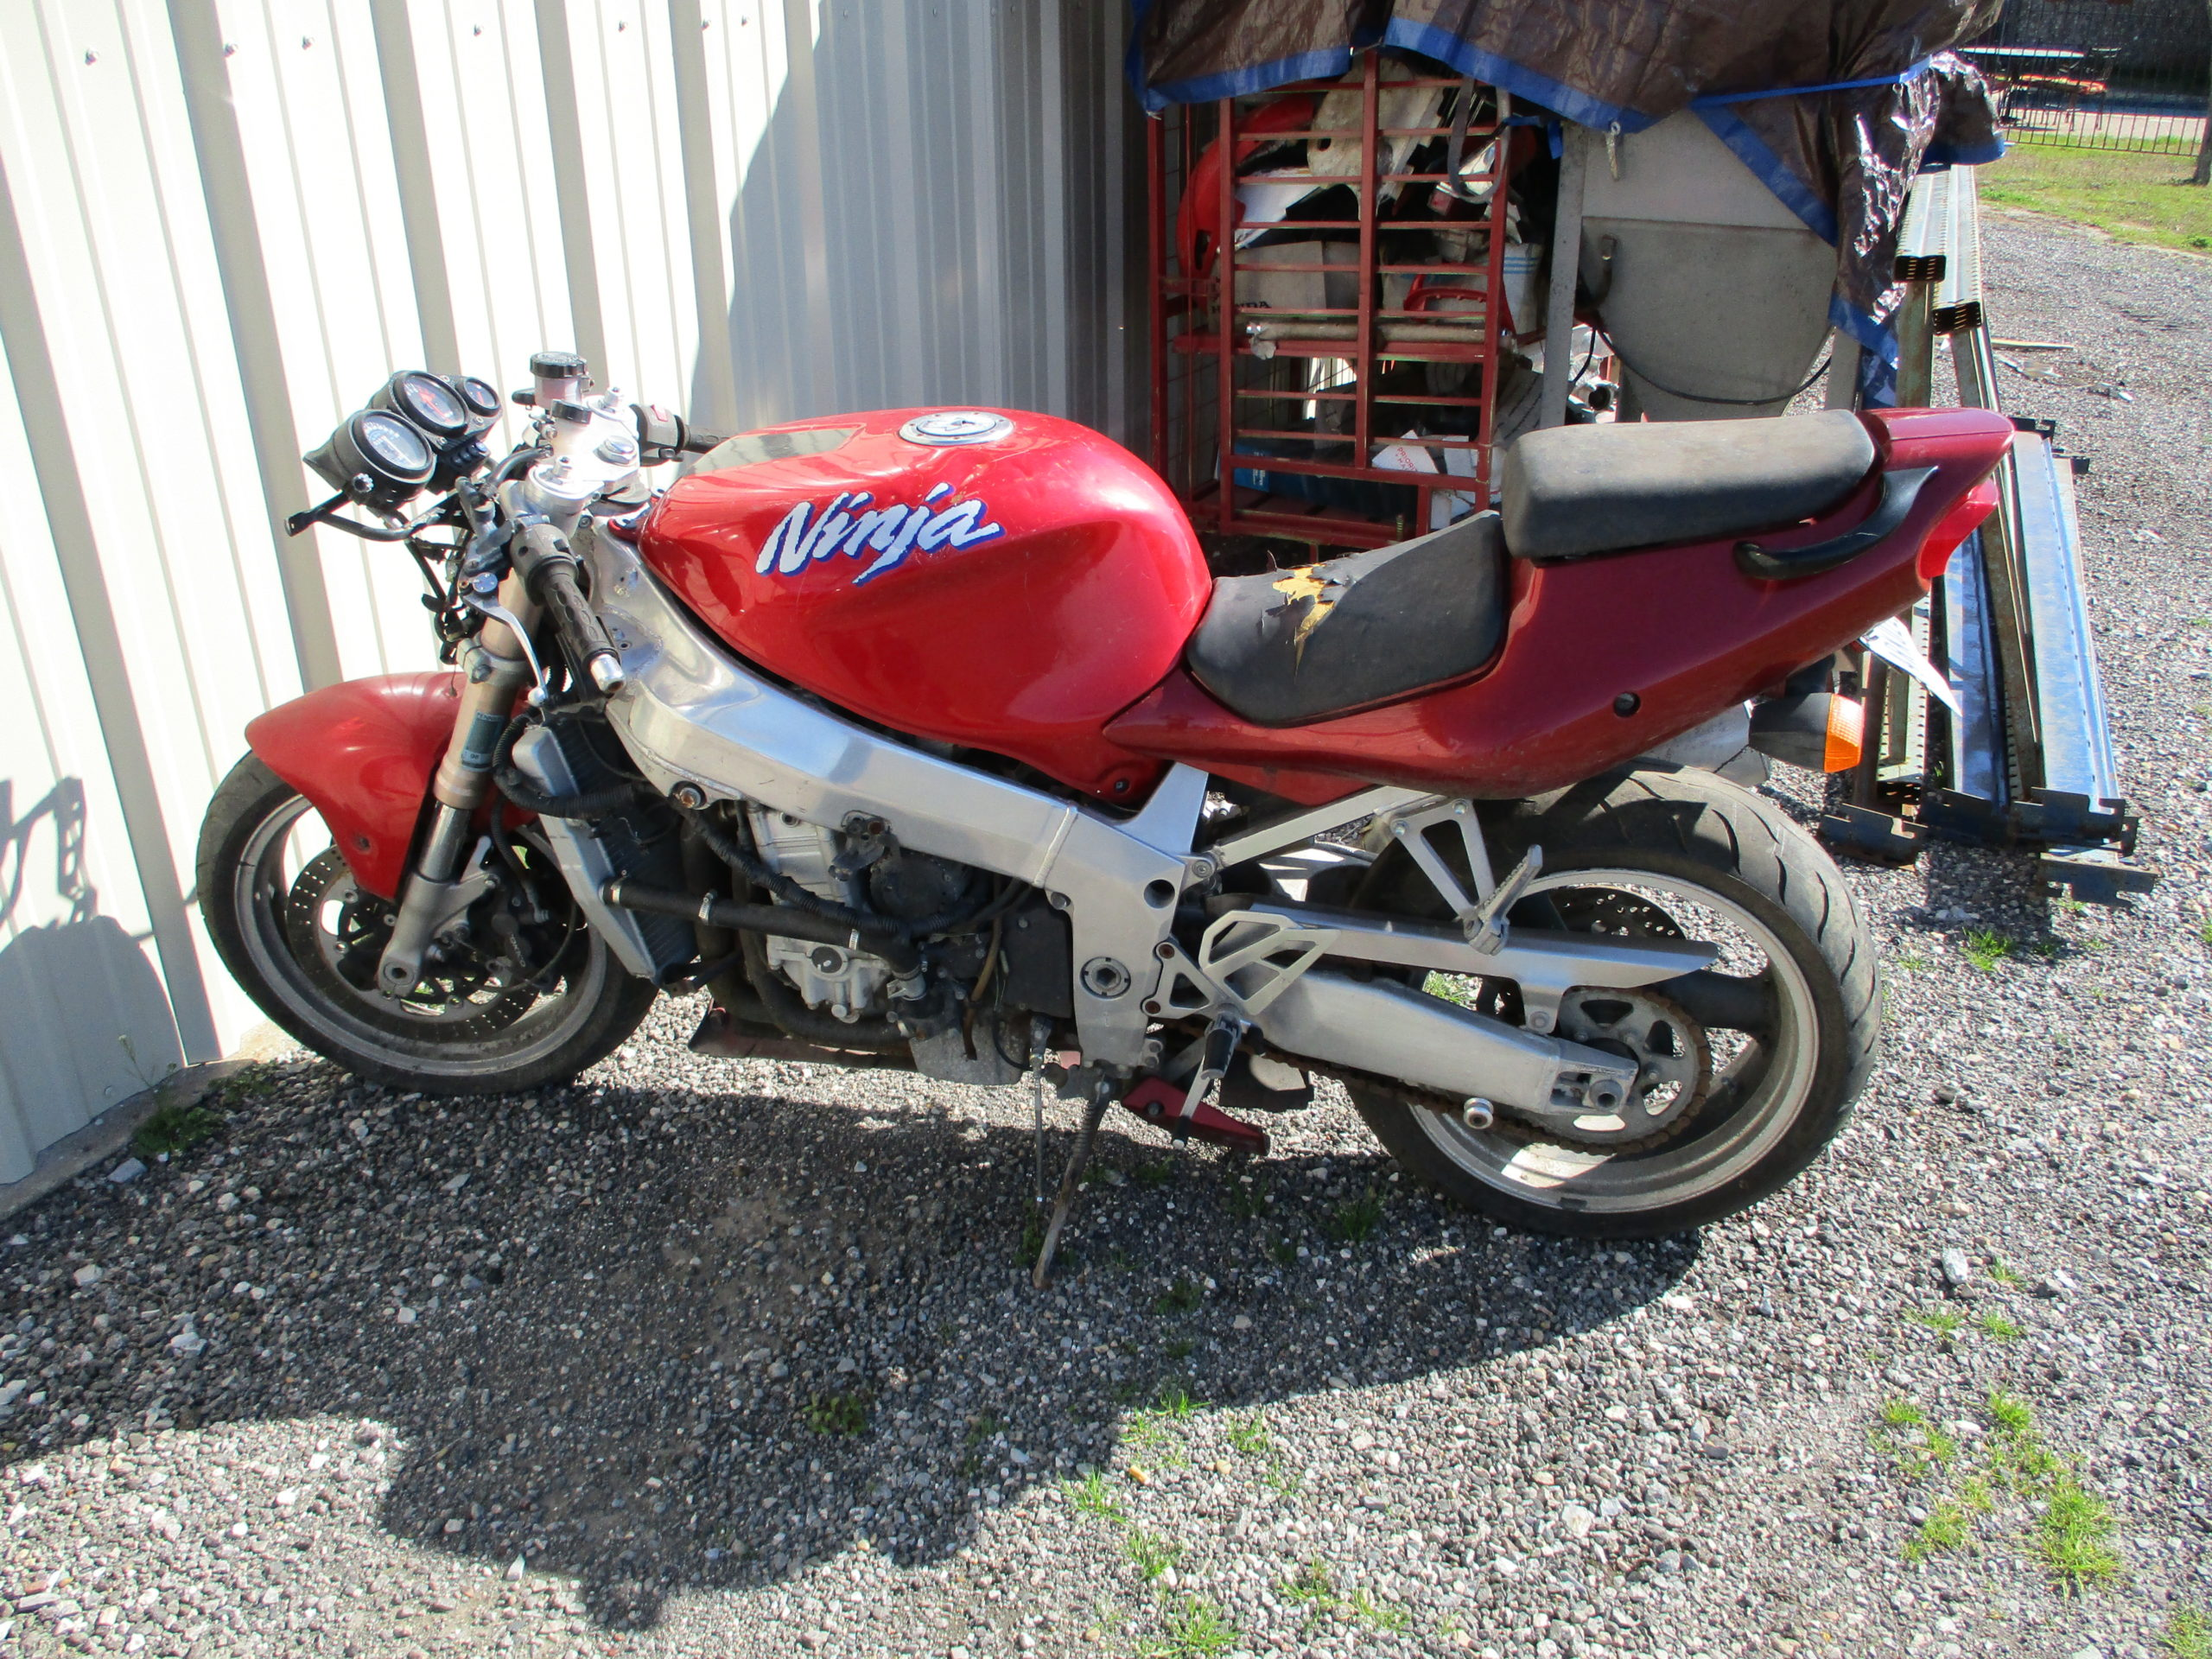 Kawasaki 1996 ZX7 Ninja